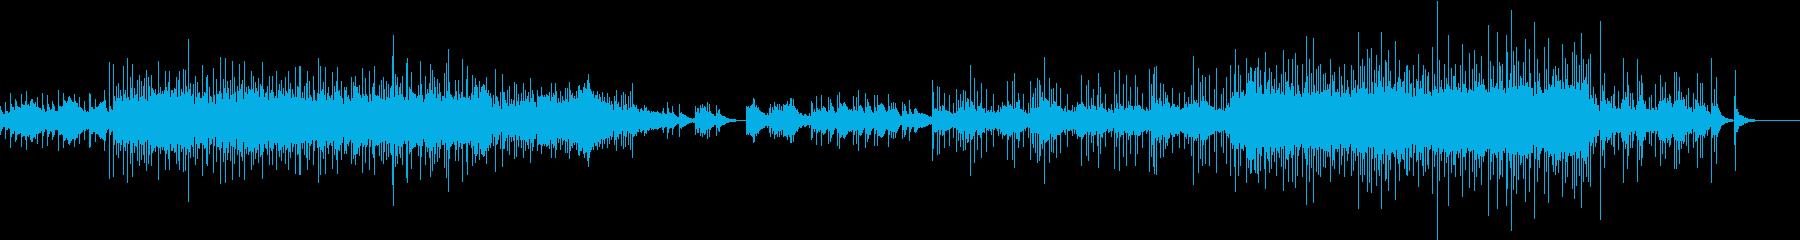 琴を使用した和風でドラマチックなBGMの再生済みの波形